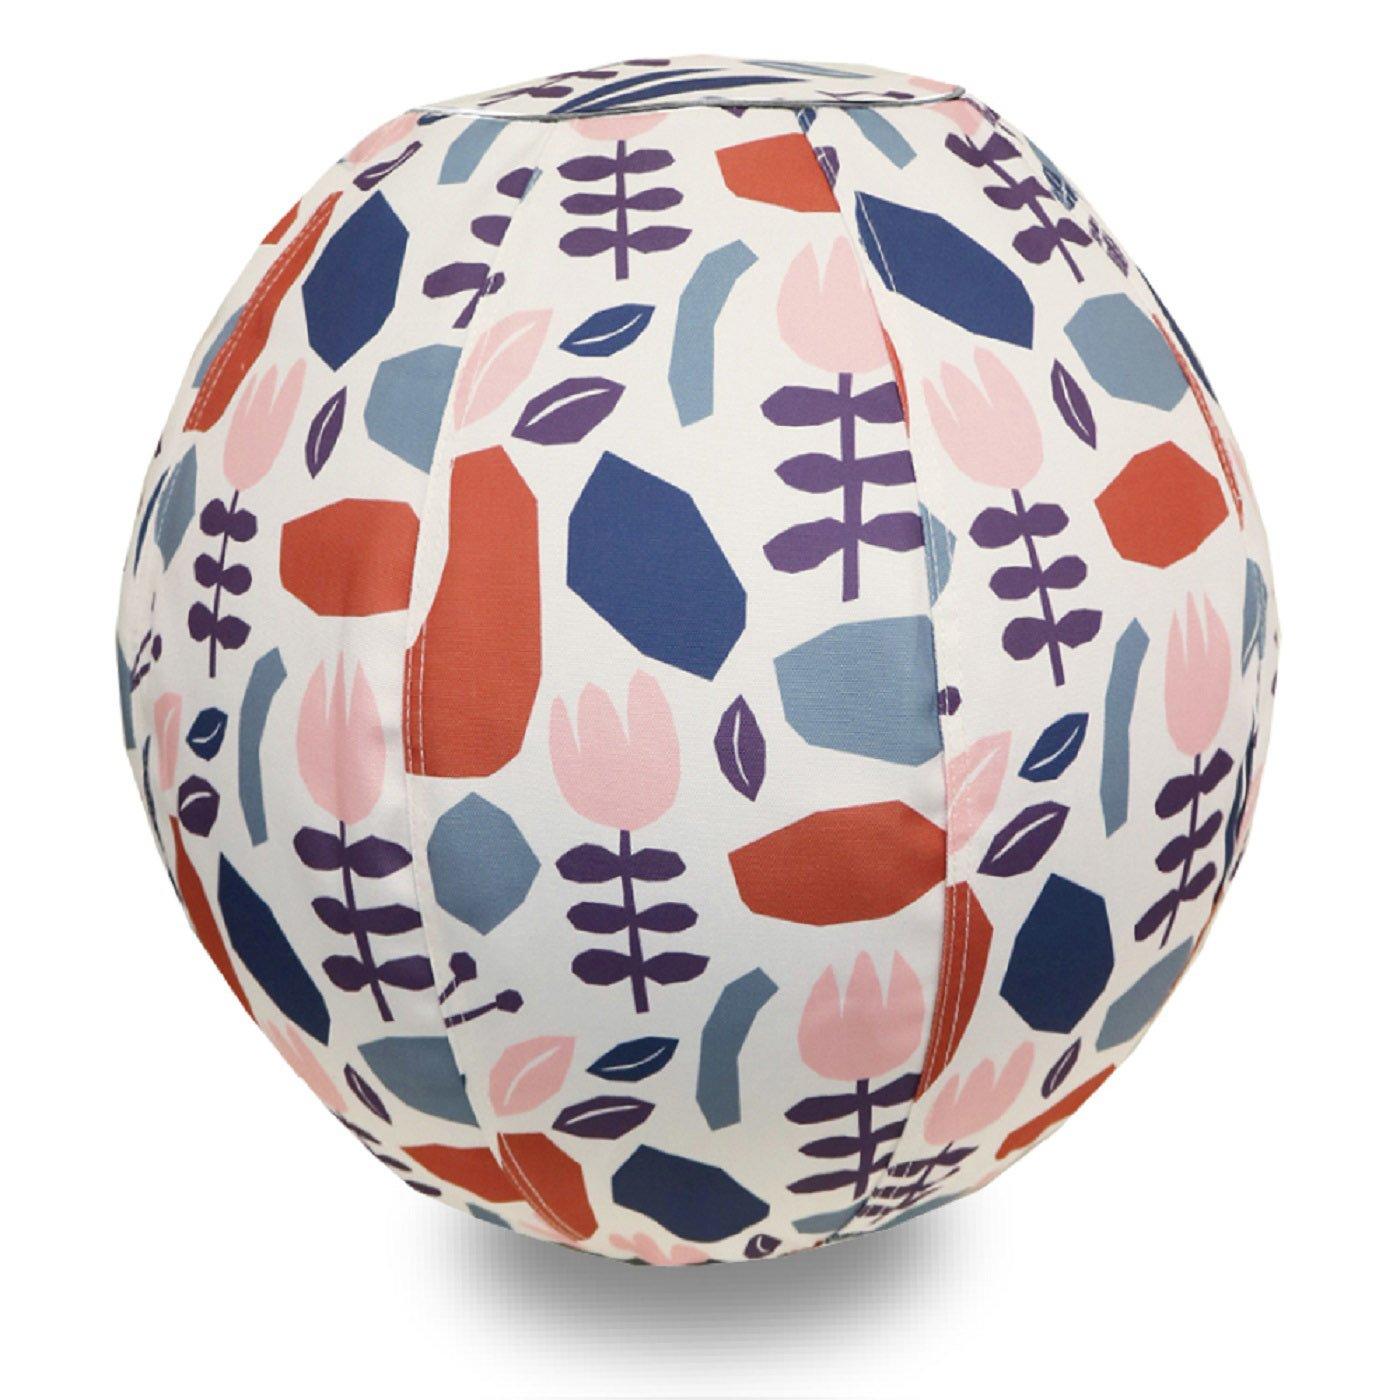 北欧をイメージした 部屋を彩るバランスボール〈日差しのガーデン/65cm〉